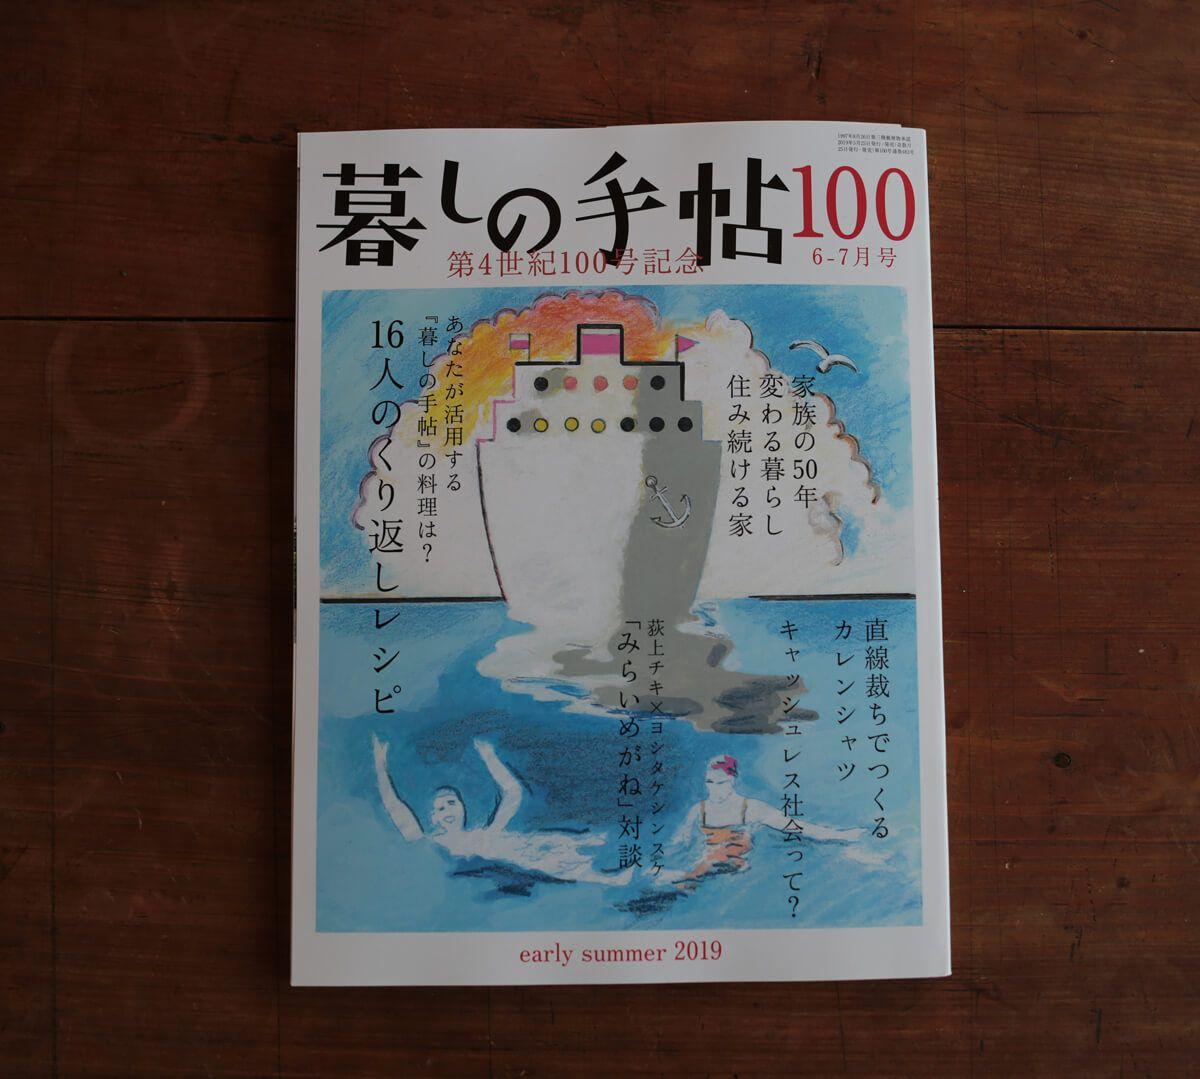 暮しの手帖100号のアイキャッチ画像